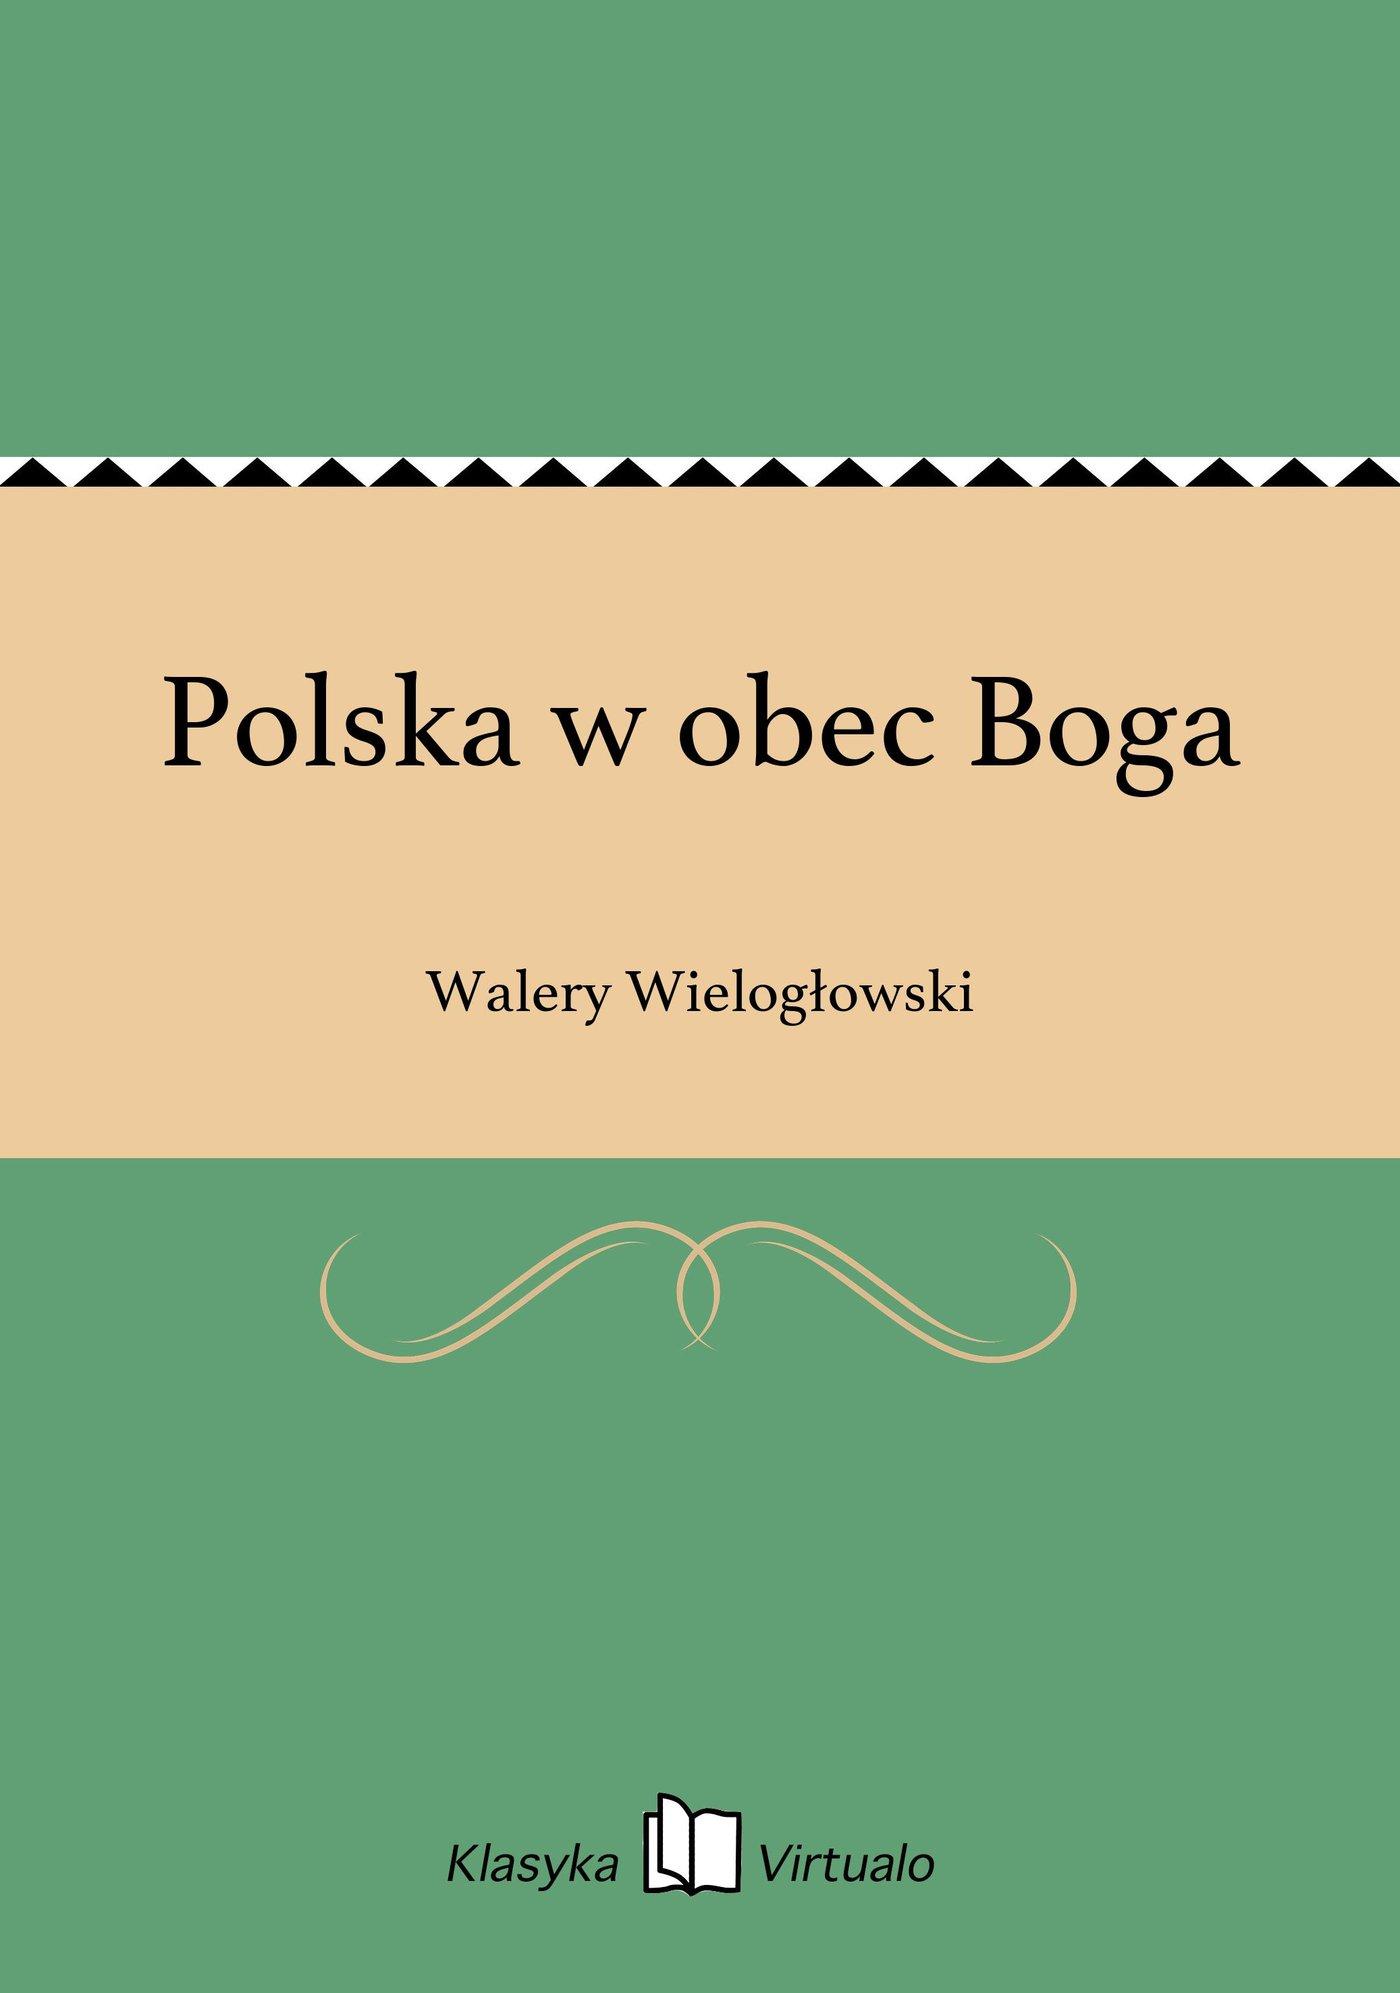 Polska w obec Boga - Ebook (Książka EPUB) do pobrania w formacie EPUB